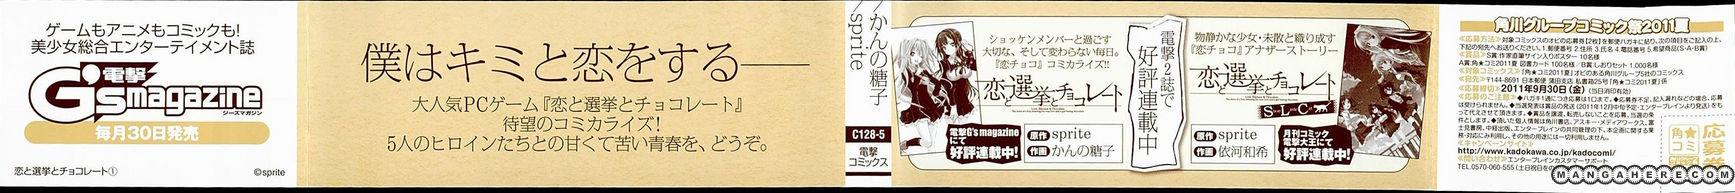 Koi to Senkyo to Chocolate 1 Page 2